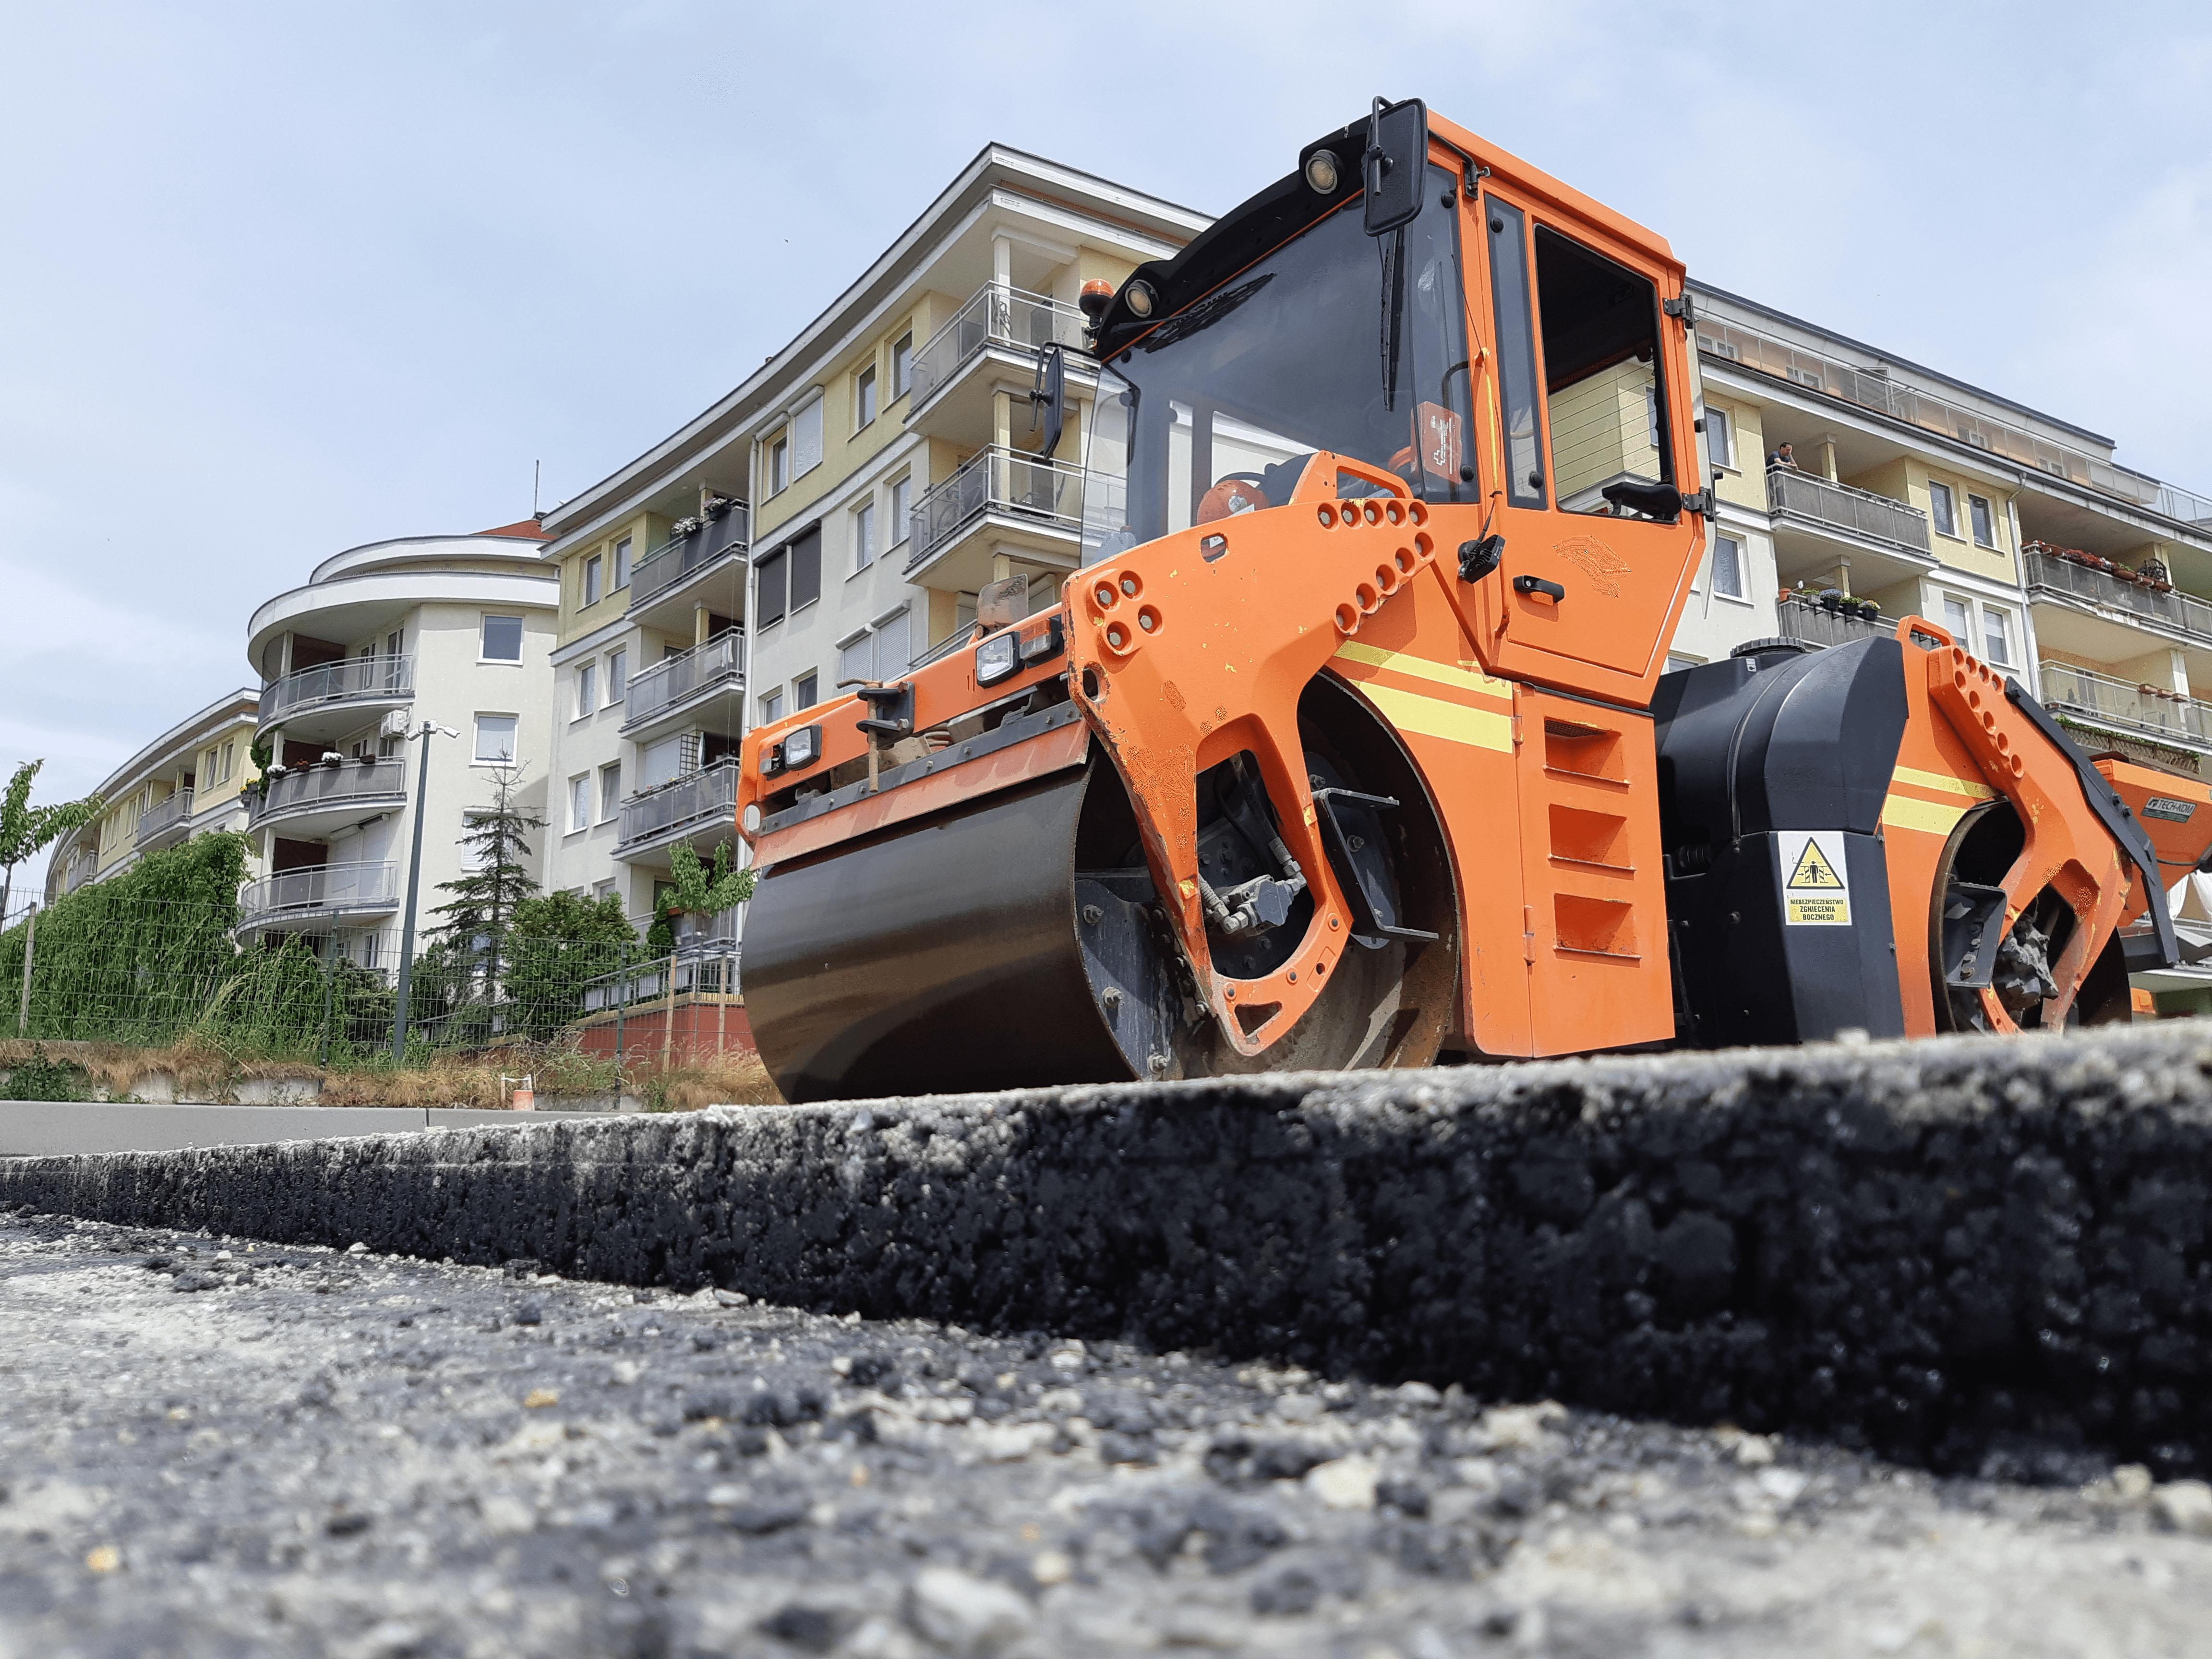 Rozwiązanie KPMP optymalizuje proces kładzenia asfaltu. (fot. mat. pras.)